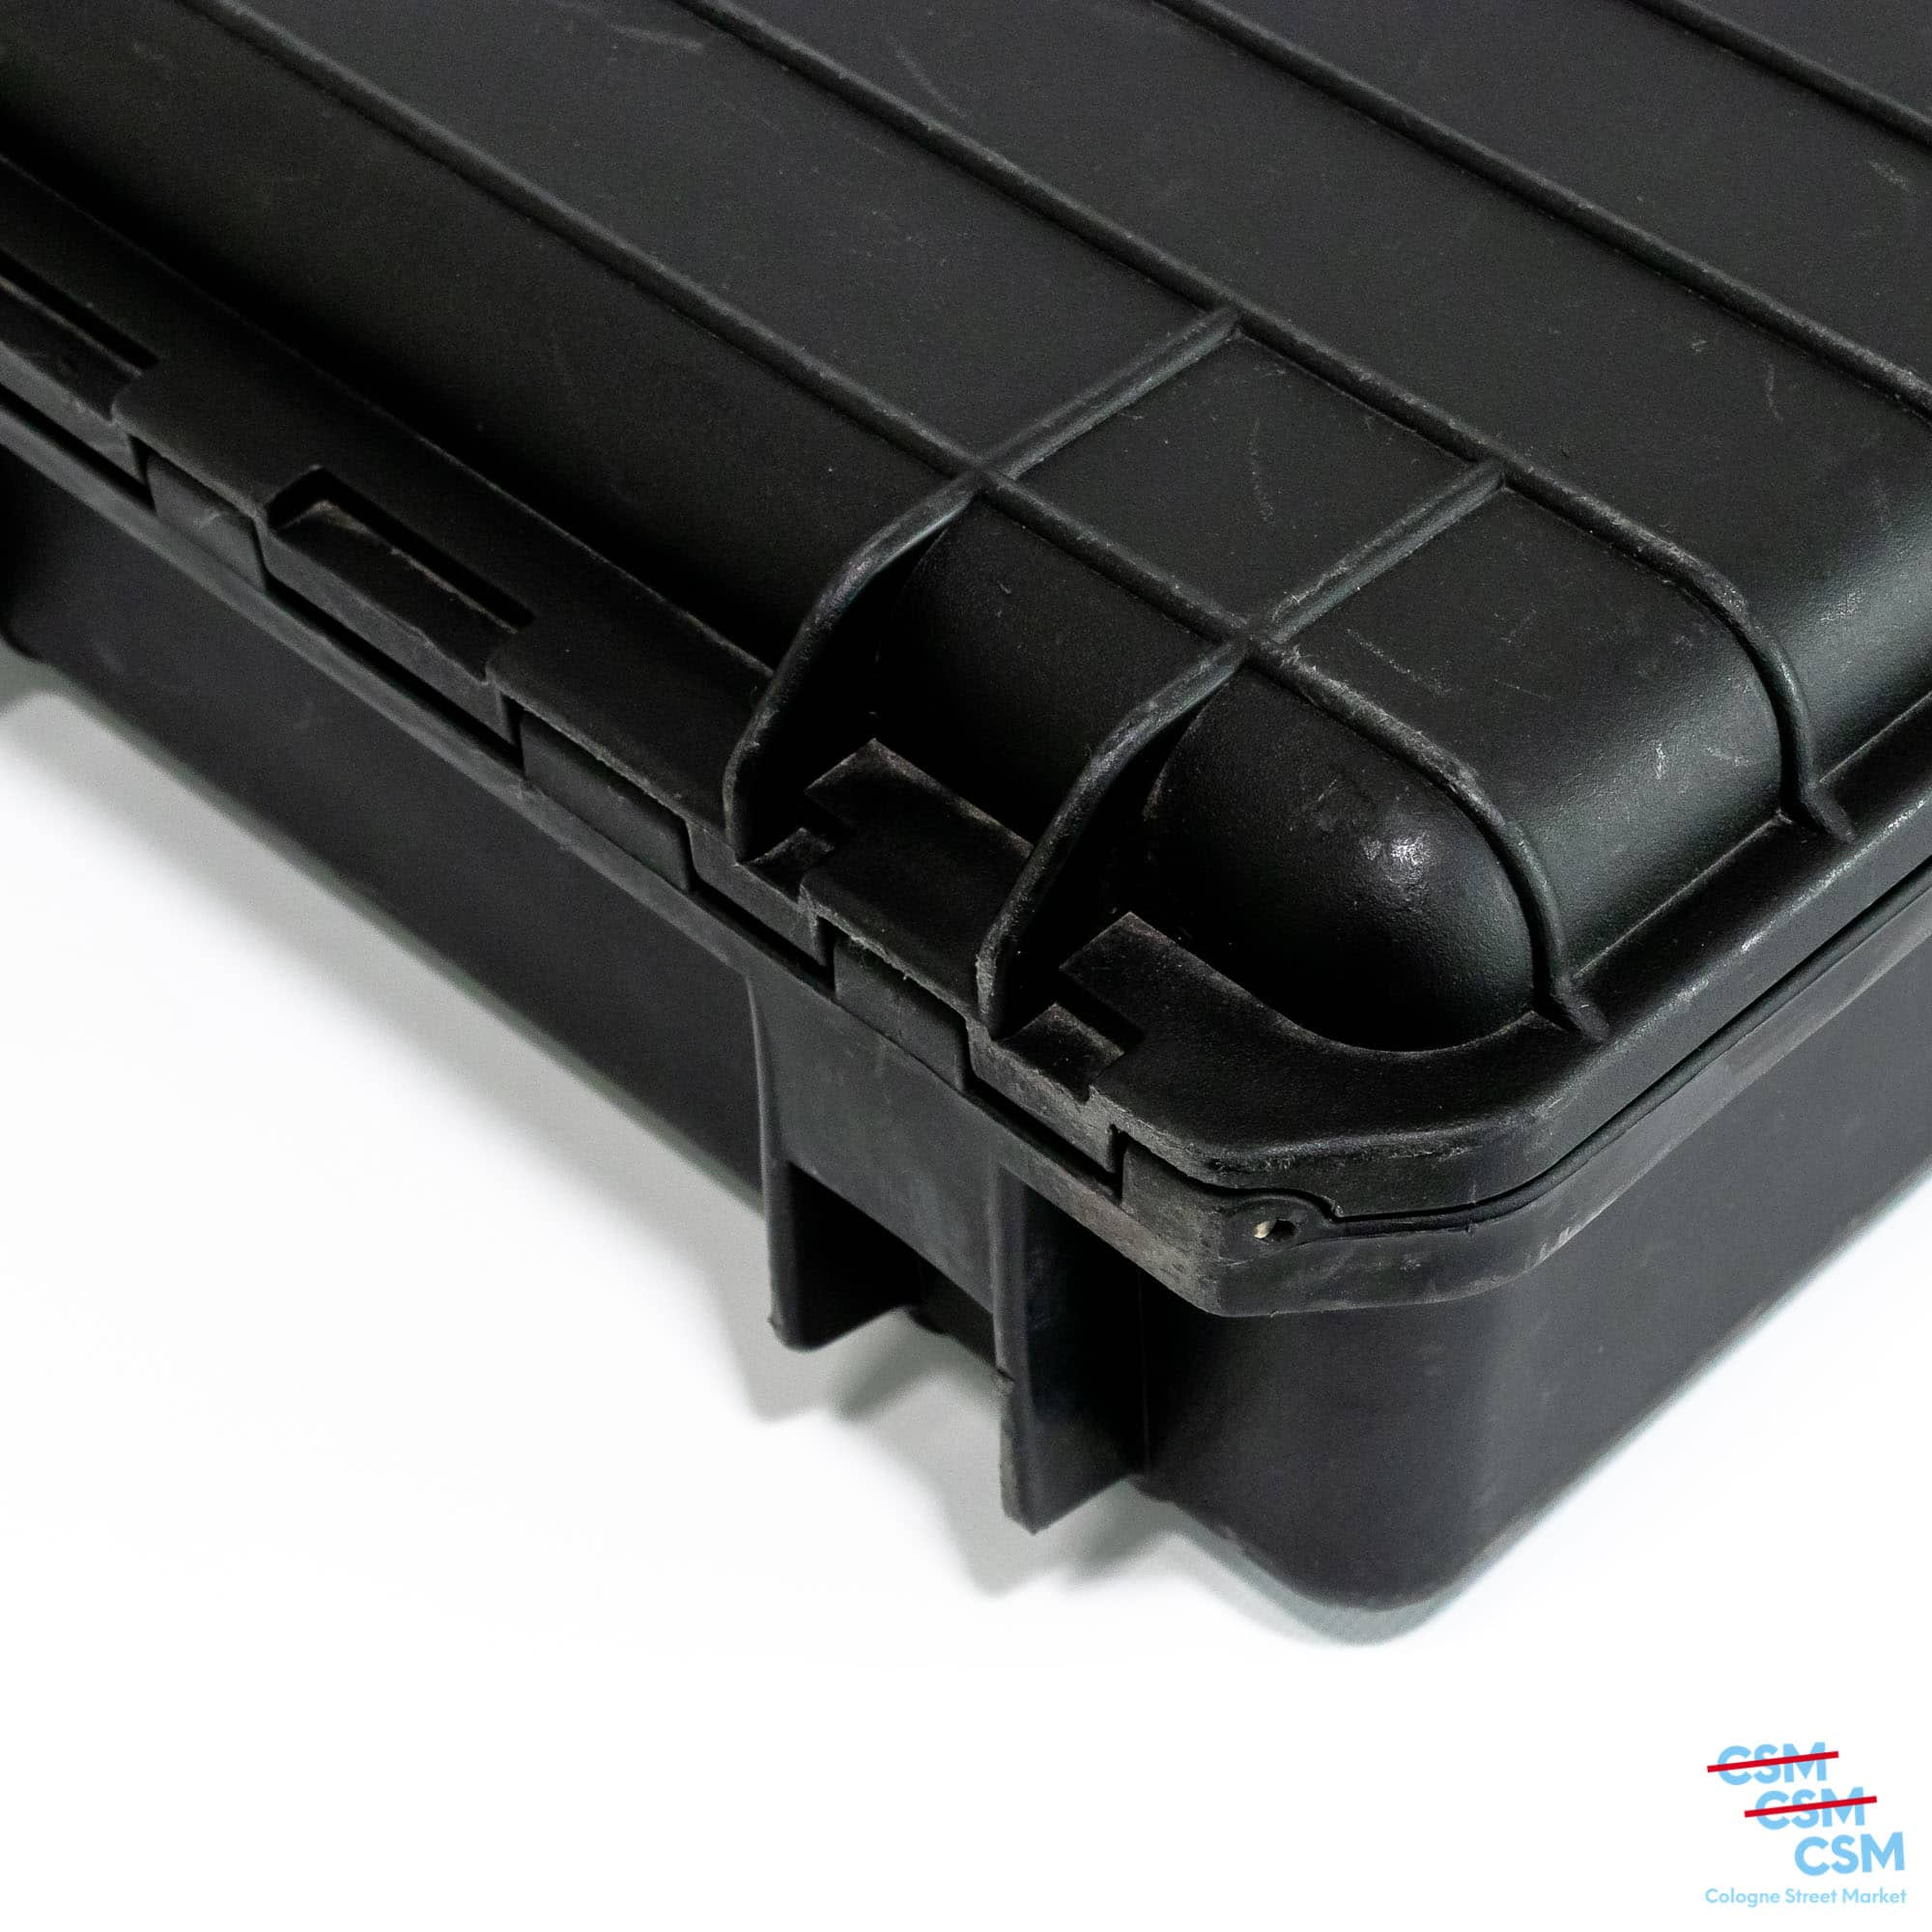 Flyht-Pro-WP-Safe-gebraucht-kaufen